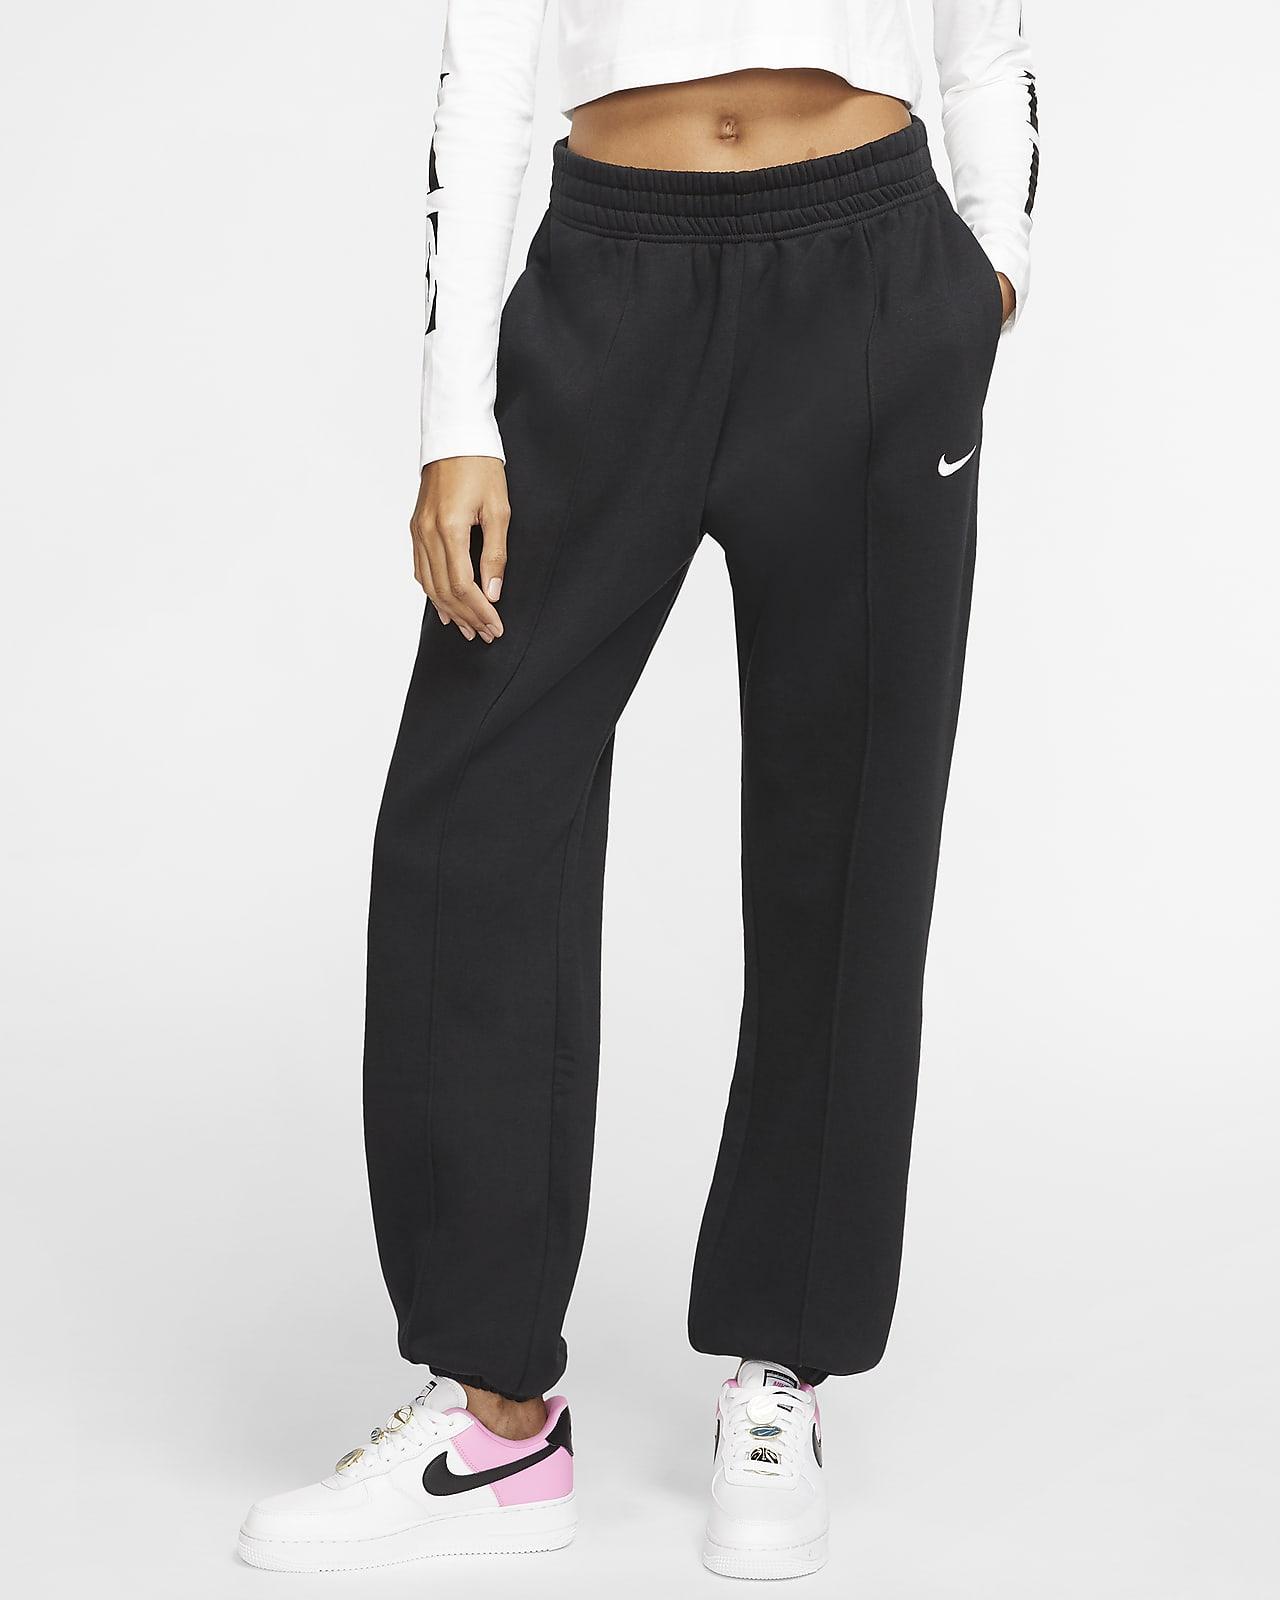 Nike Sportswear Essential Collection Fleece Kadın Eşofman Altı